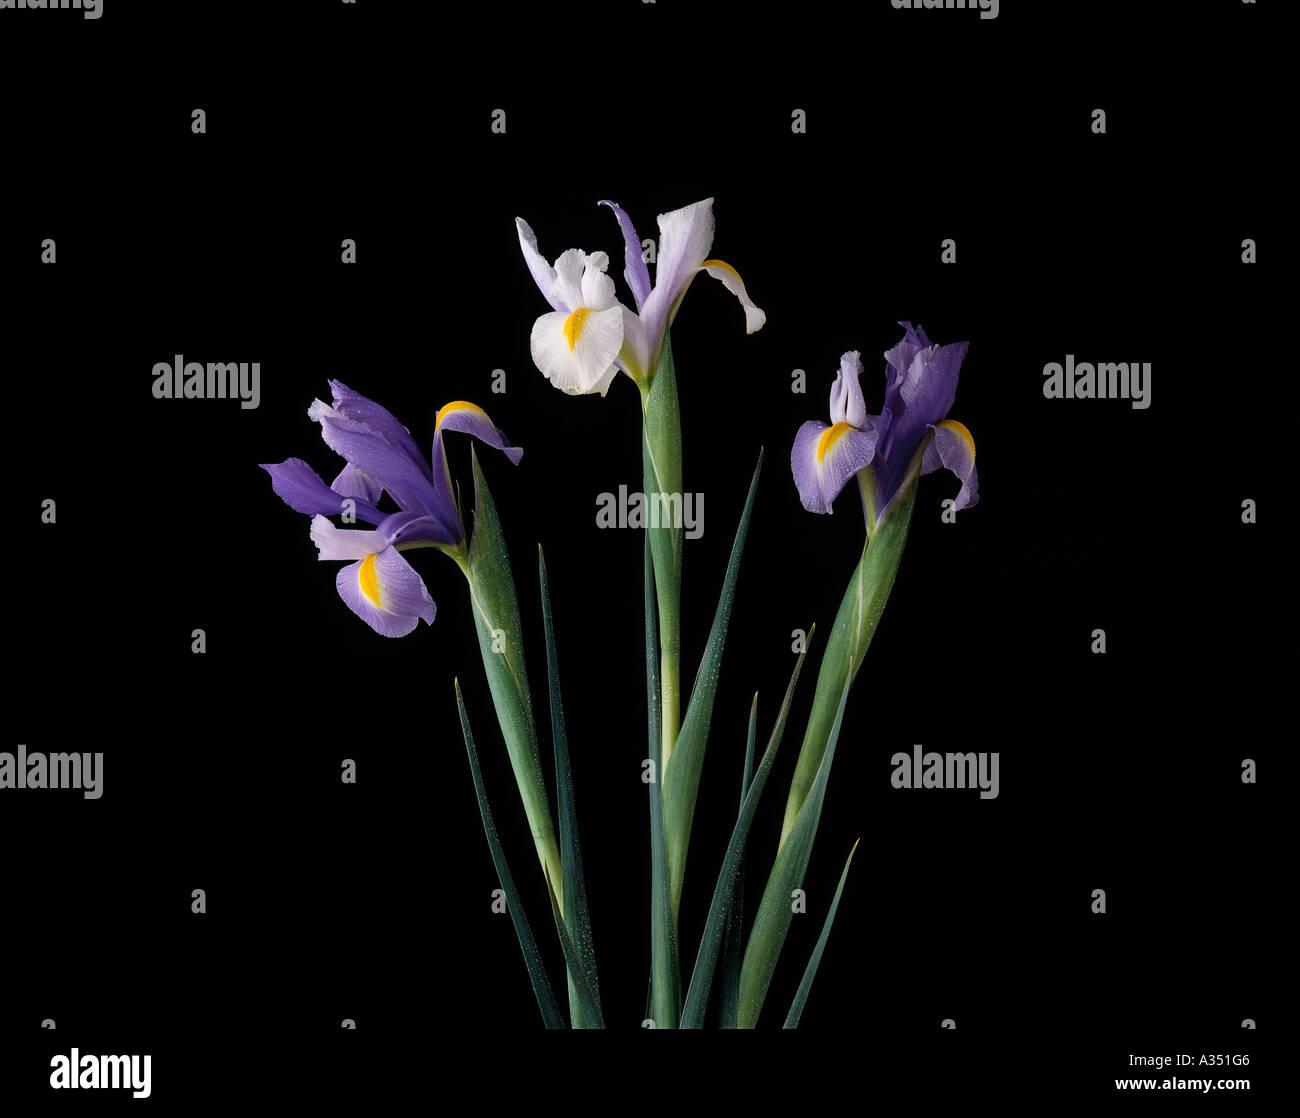 Two purple and one white iris flowers perennial herbaceous plant two purple and one white iris flowers perennial herbaceous plant genus iris family iridaceae izmirmasajfo